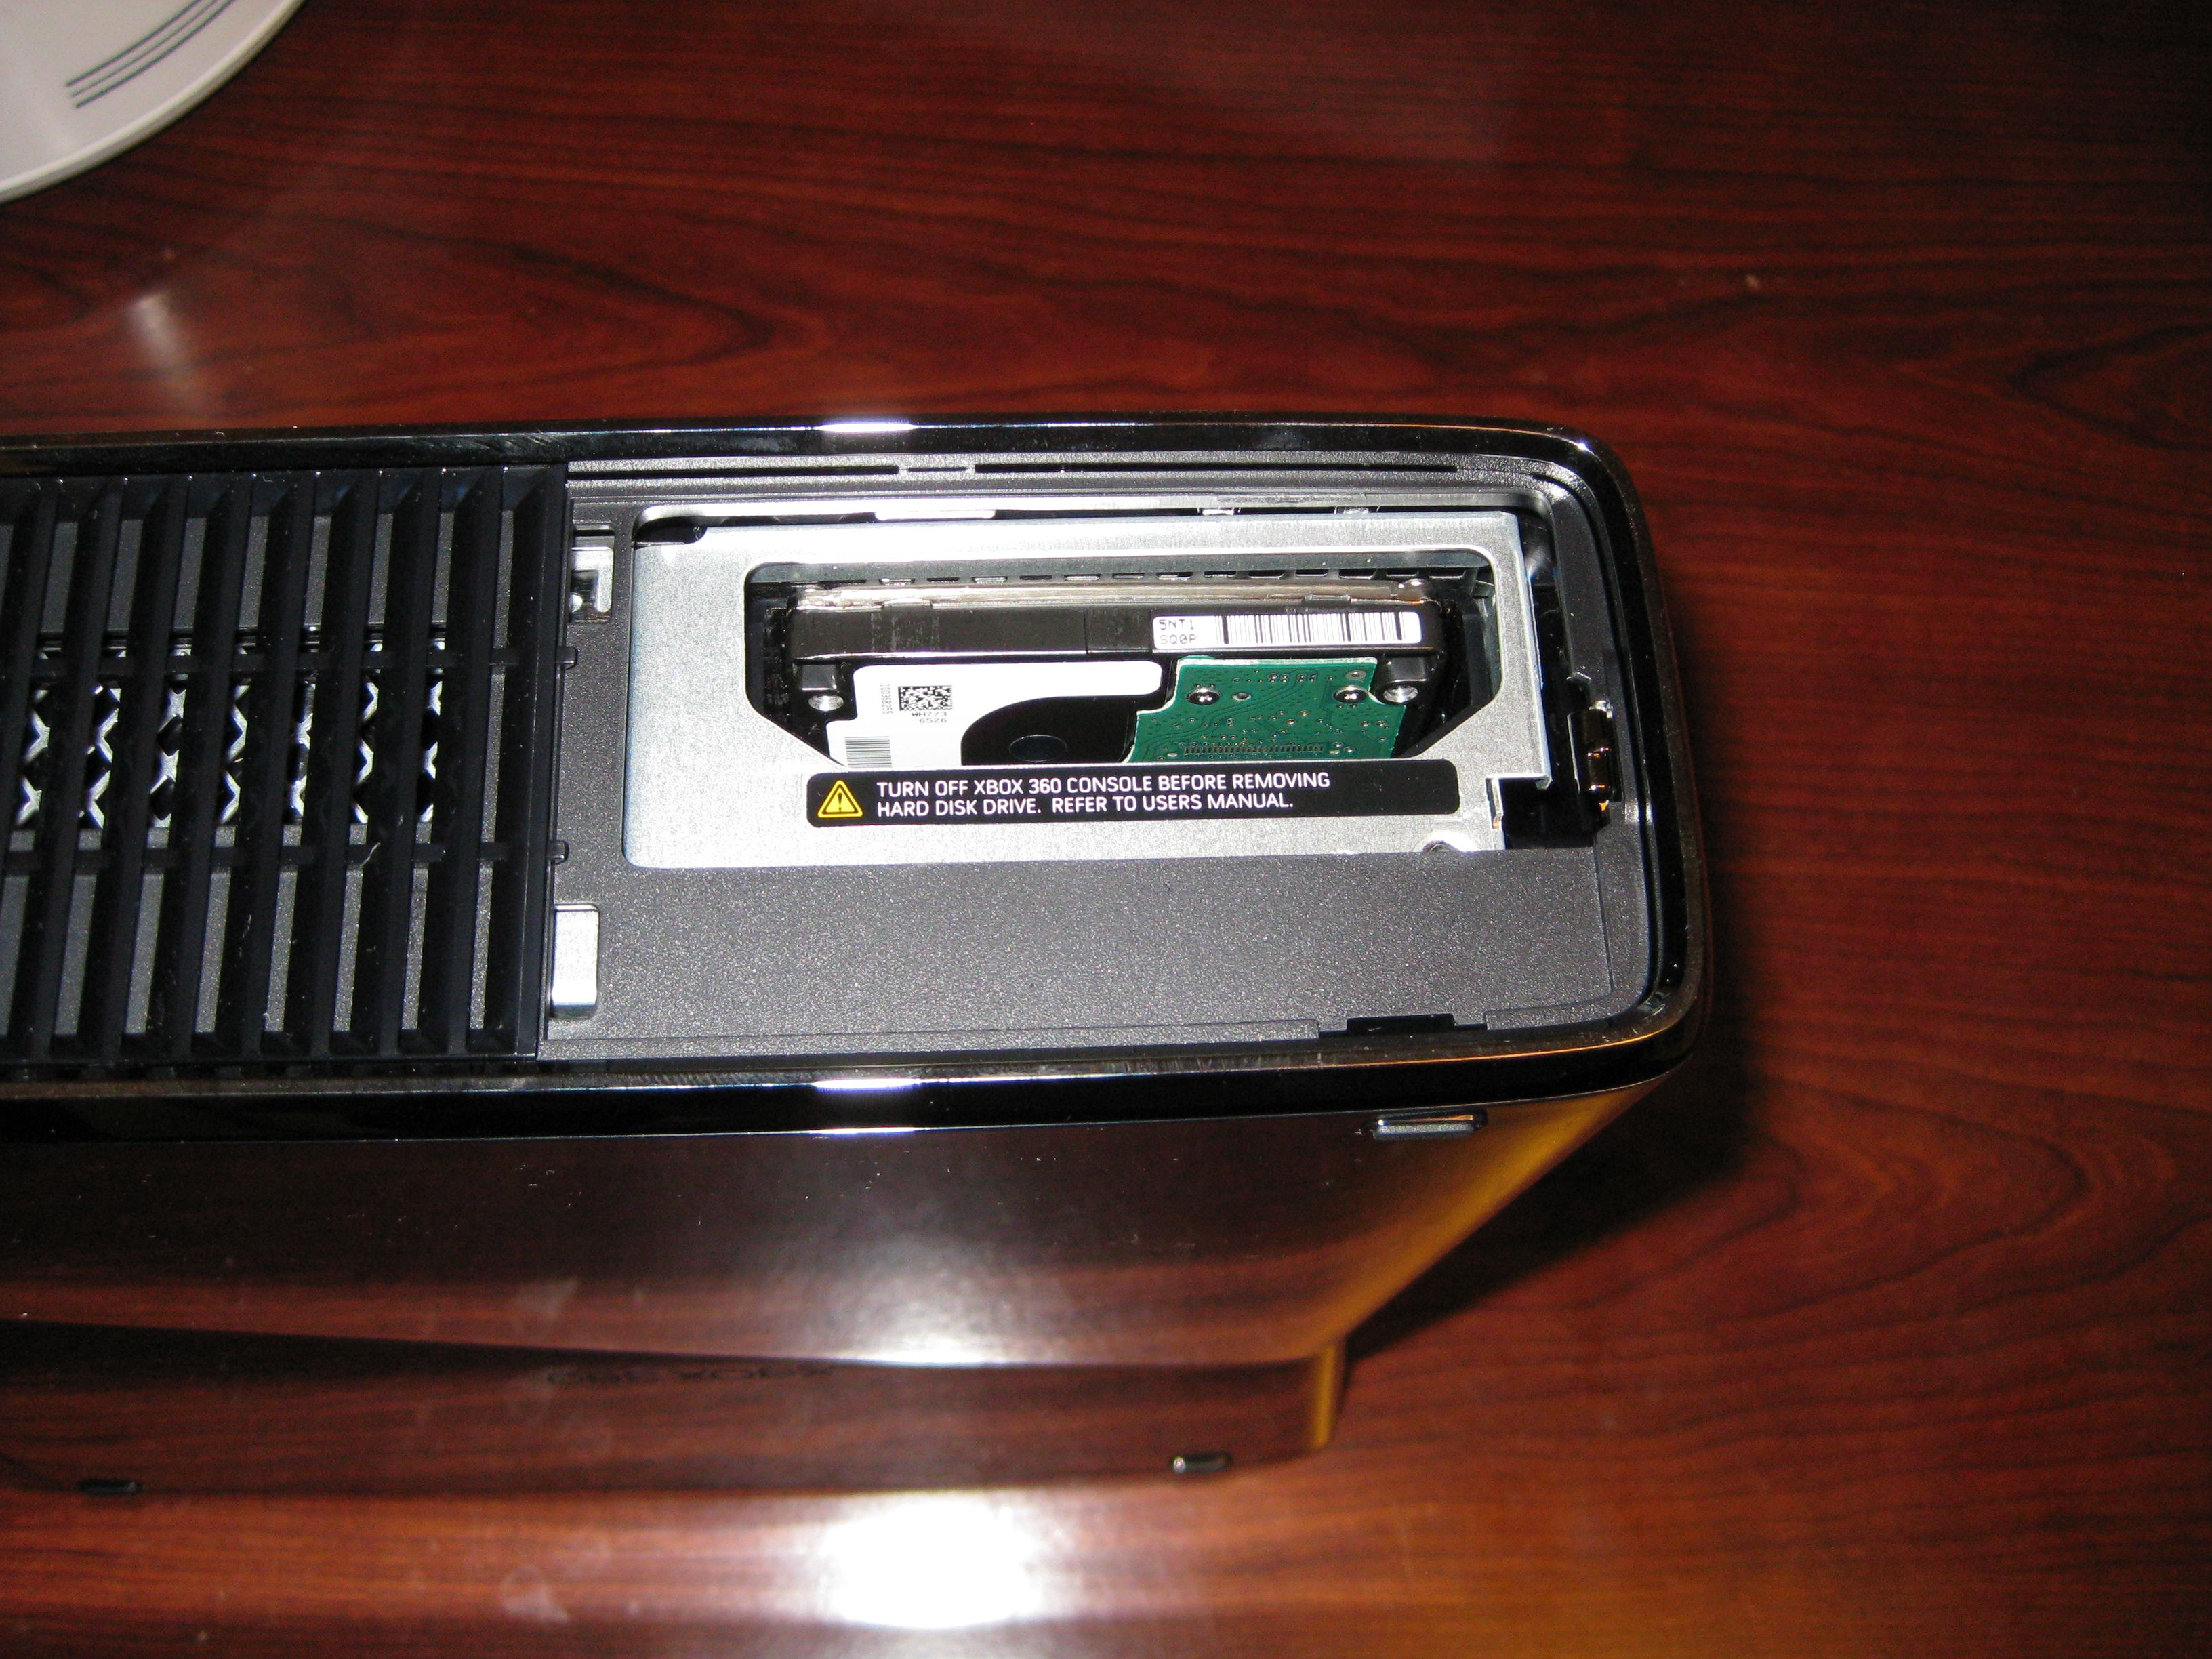 Xbox 360 Slim Hard Drive Slot Xbox 360 Slim Hard Dri...